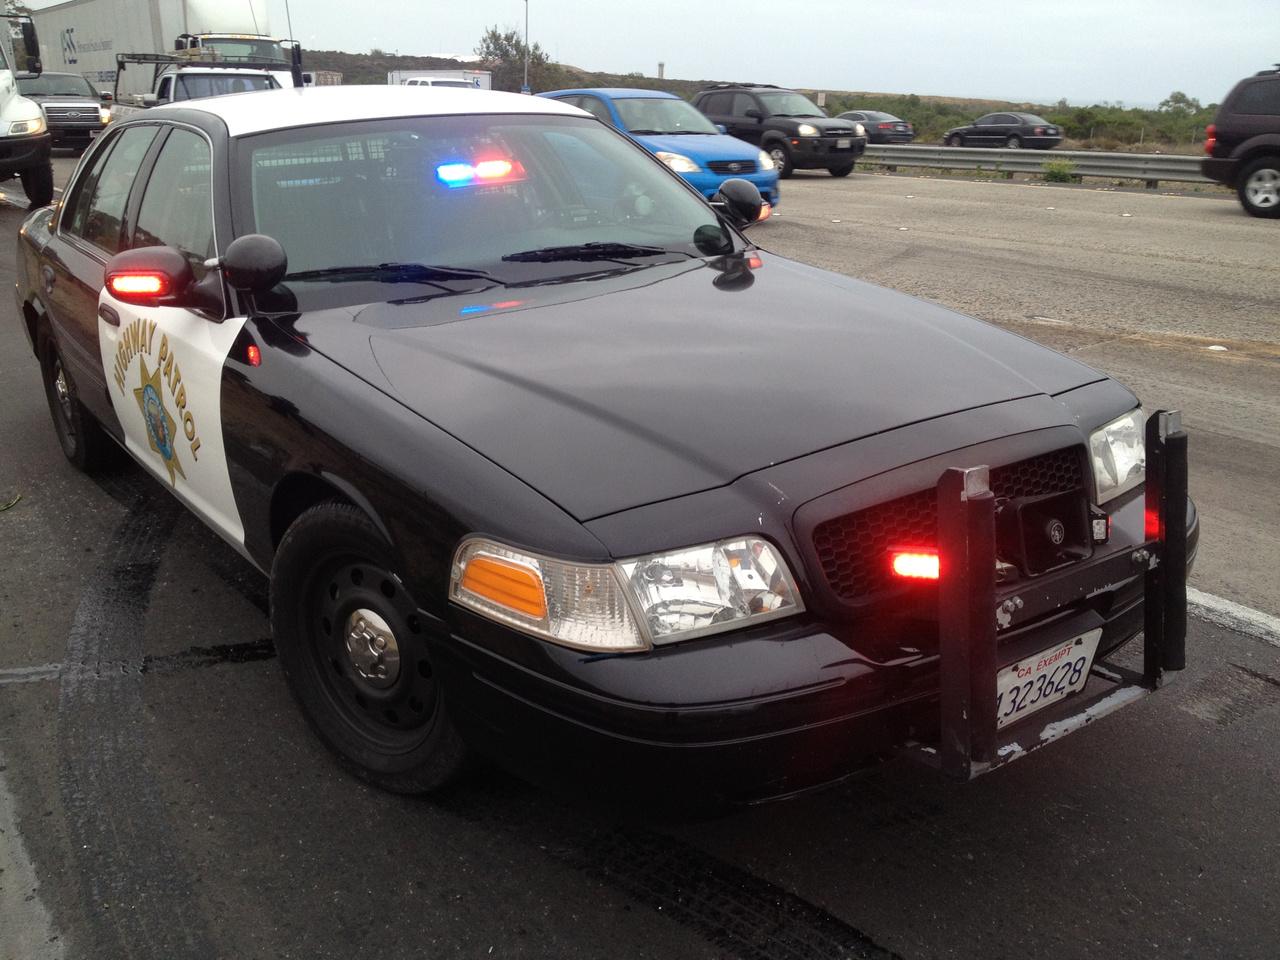 A kaliforniai autópálya rendőrségnek voltak feltuningolt Crown Vic-jei is. Amelyeket onnan lehetett felismerni, hogy nem volt rajtuk fényhíd. Hogy pontosan hány lóerősek voltak arról keveset tudni, de körülbelül 500 lóerősre tippelik a hozzáértők. Az egyik kaliforniai járőr visszaemlékezése szerint egyszer üldözőbe vett egy 911-es Porschét, amit nagyon hamar utolért. Mikor odalépett a sofőrhöz az csak annyit tudott kérdezni: Hogy a fenébe ért utól ezzel engem?